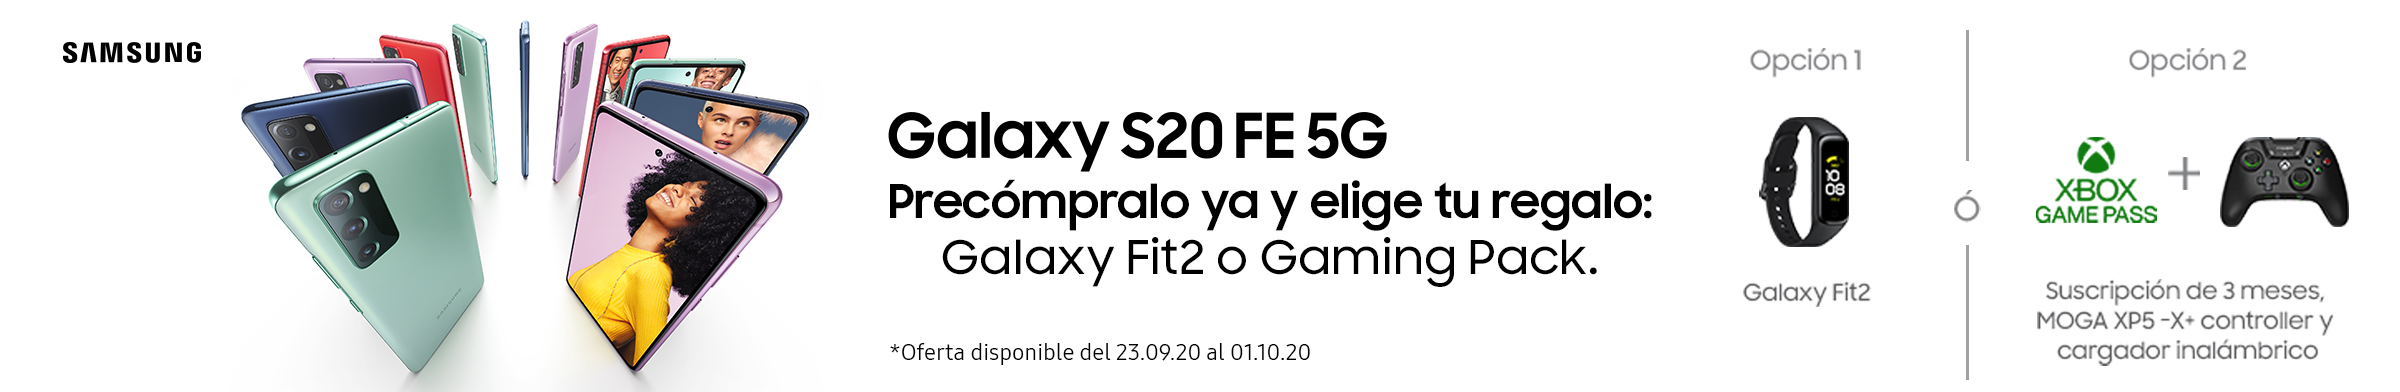 Precompra Galaxy S20 FE